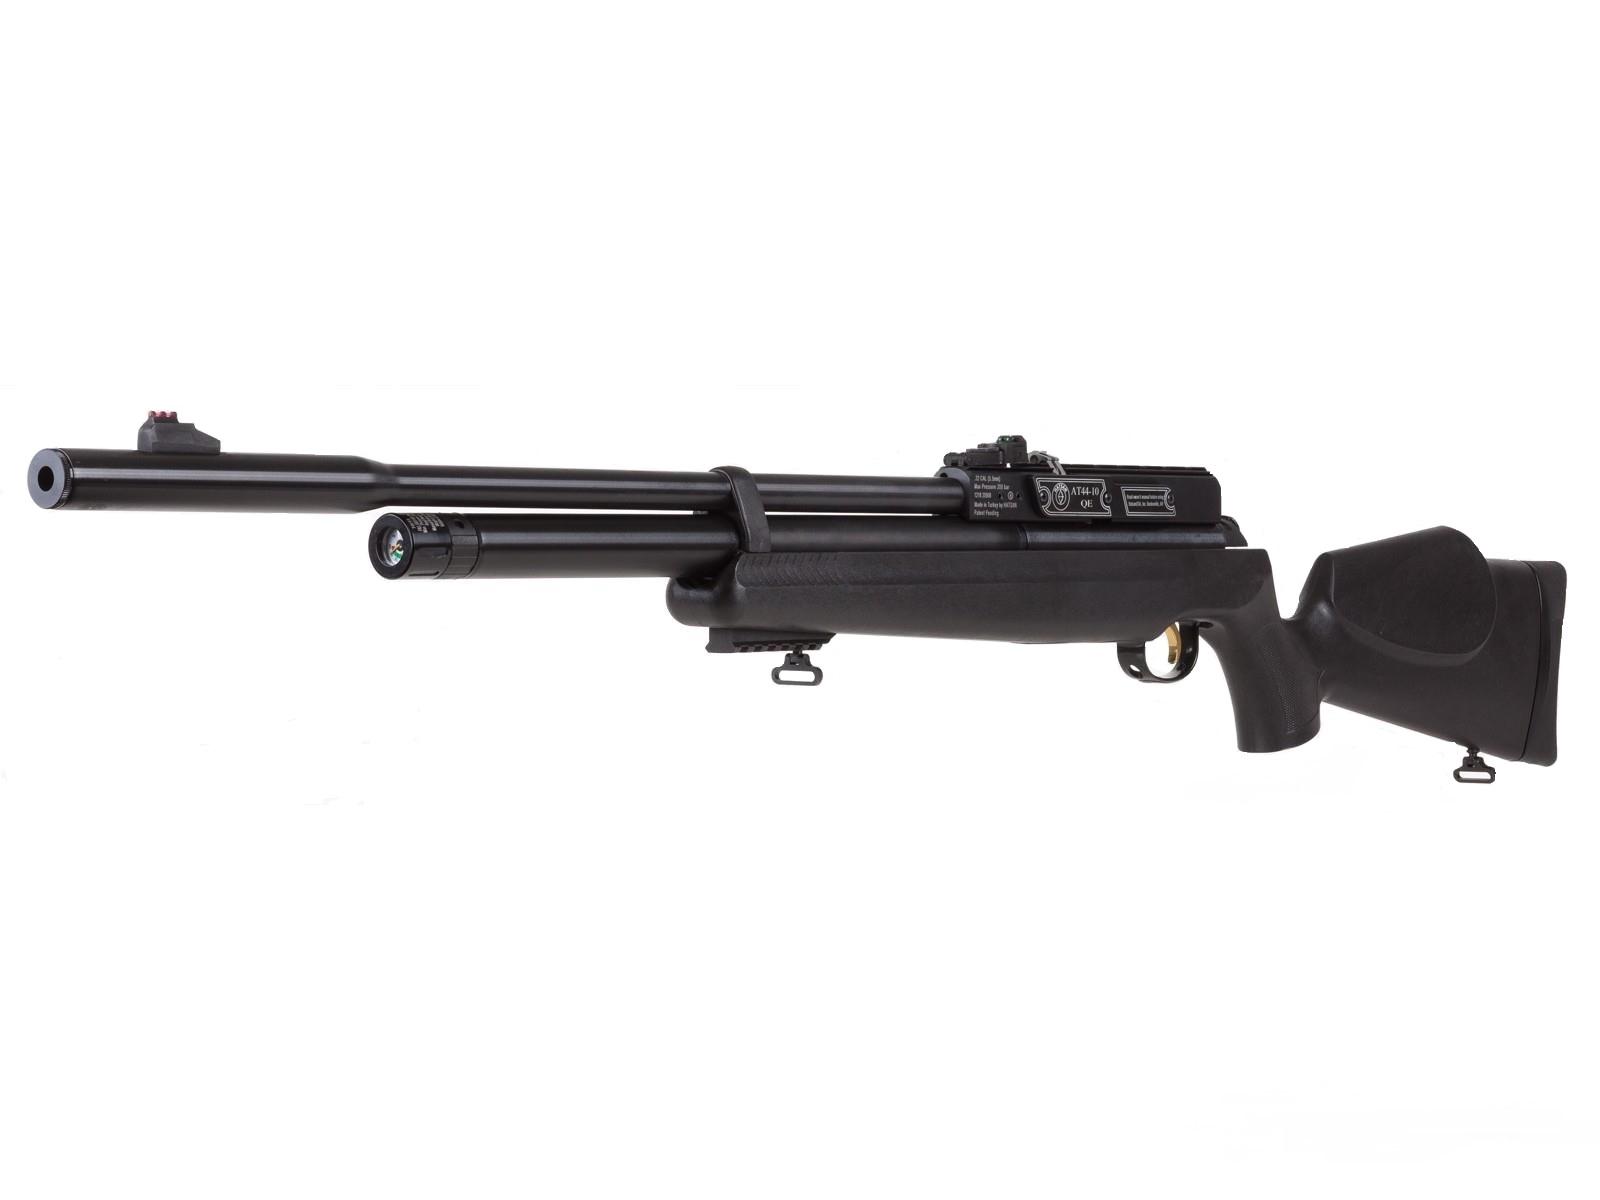 Hatsan AT44S10 Long .25 cal Open Sight Air Rifle